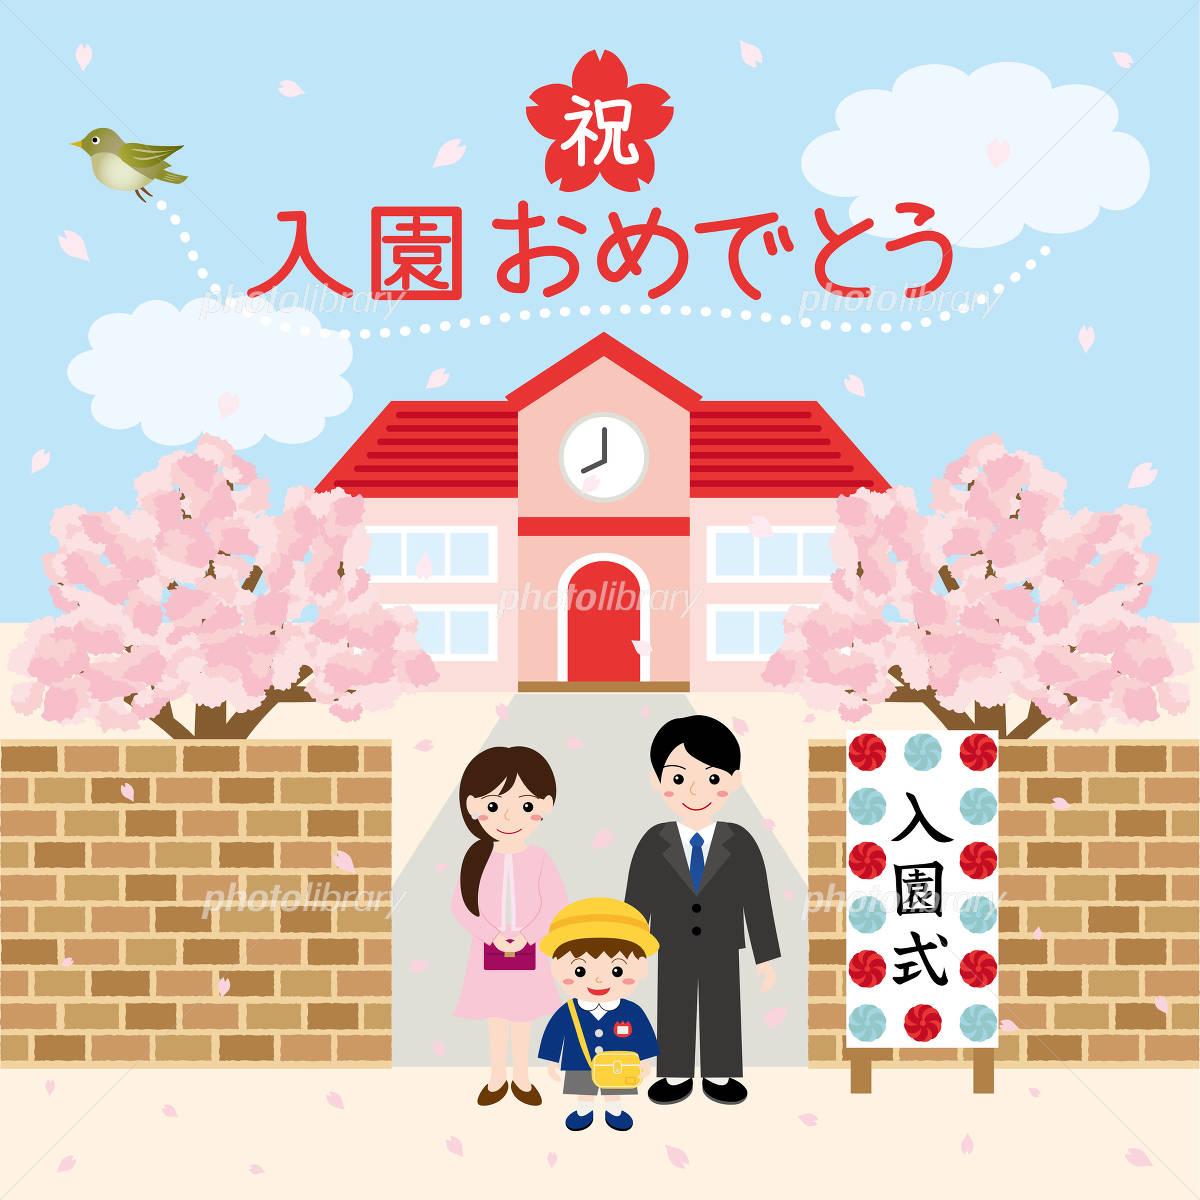 幼稚園の入園式 イラスト素材 4874795 フォトライブラリー